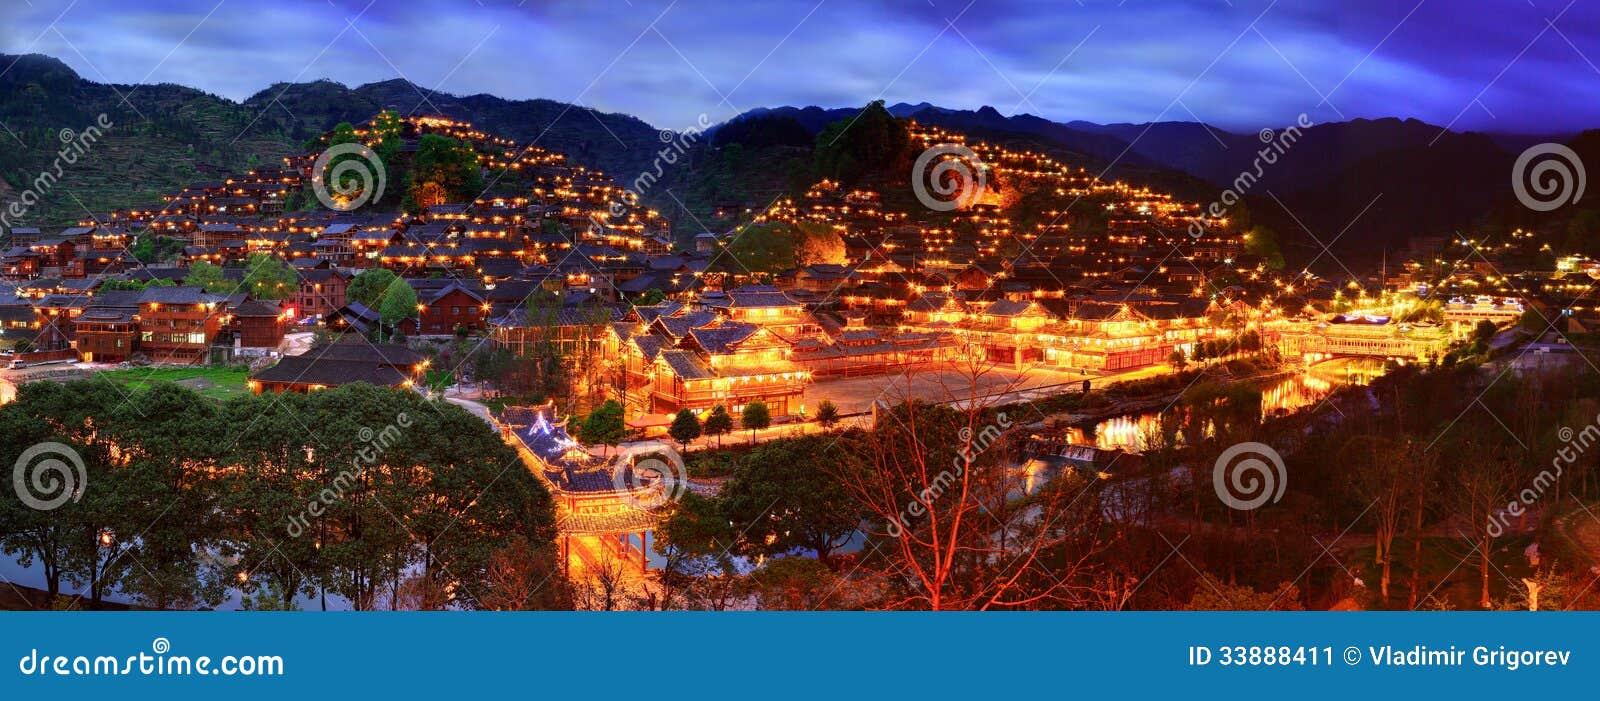 大种族村庄的夜视图在西南中国。